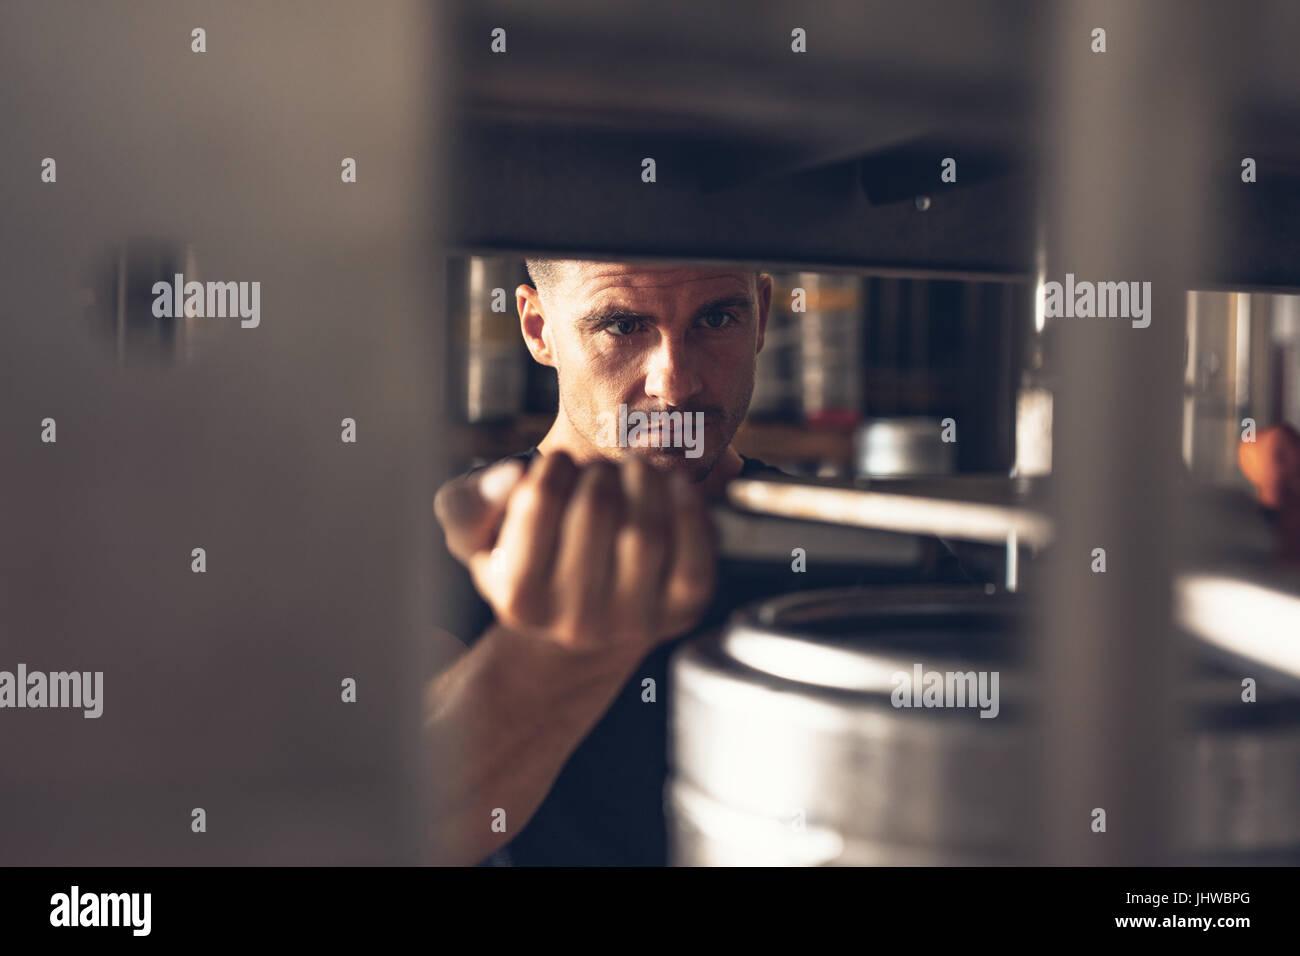 Mann in Brauerei Fabrik gearbeitet. Mitarbeiter der Produktionslinie Abfülllinie Aluminium Fass aufsetzen. Stockbild